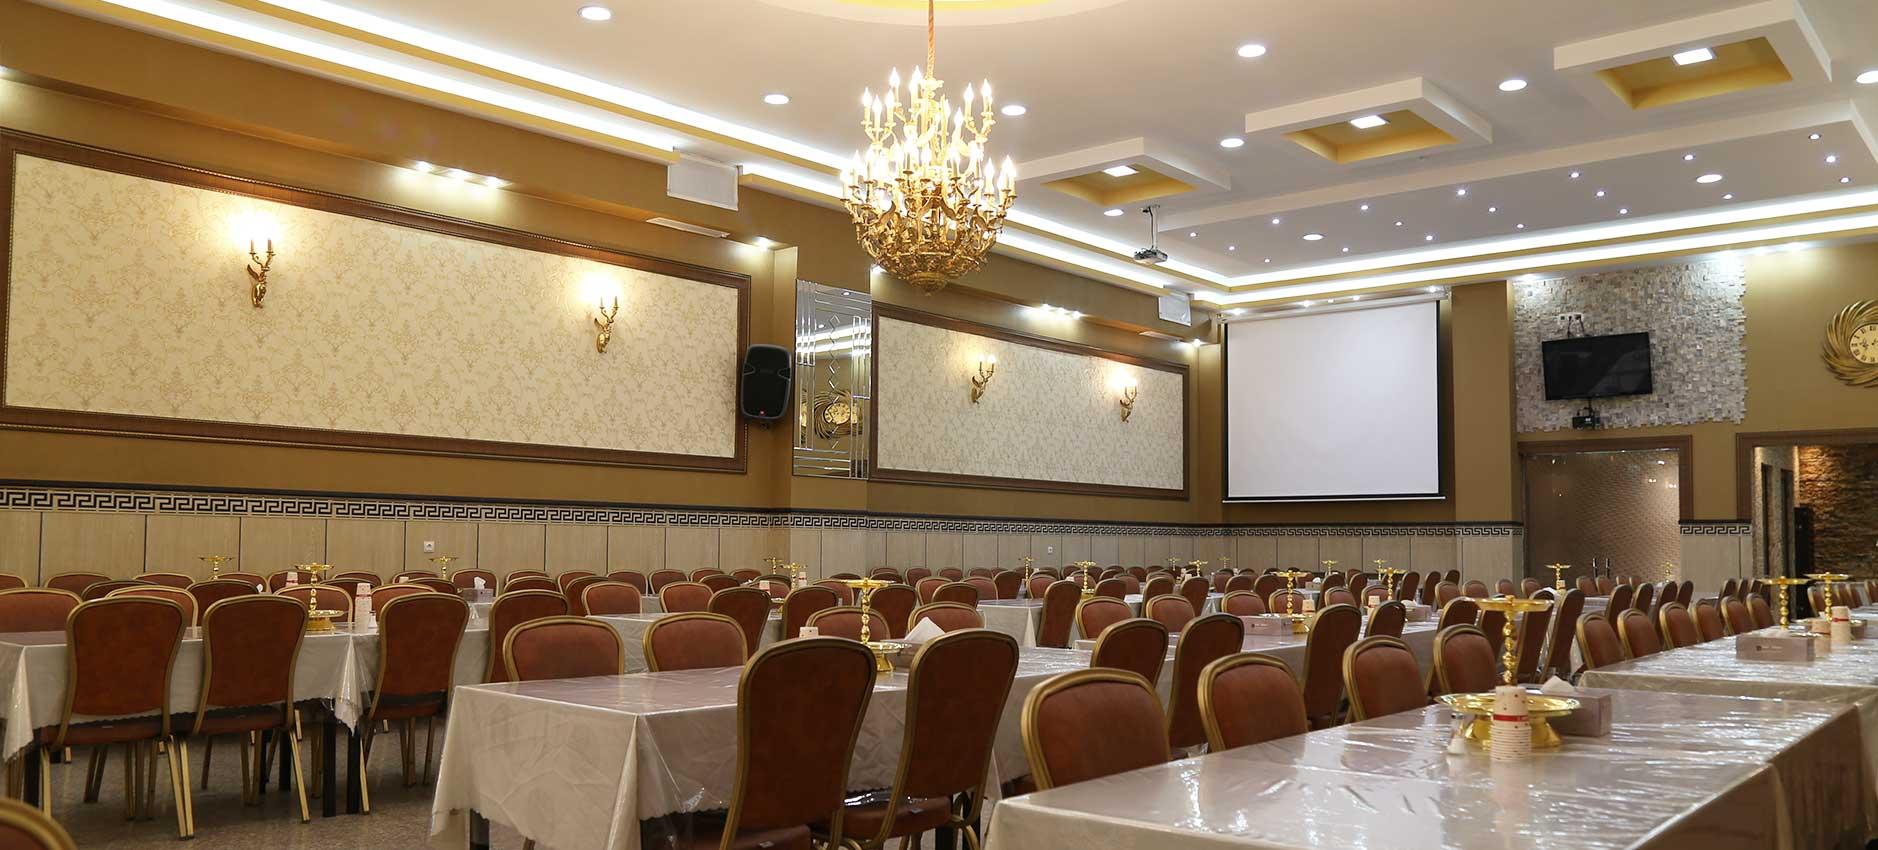 کسب و کار رستوران دارها و غذاخوری ها زیر ذره بین «شهاب زنجان»؛ مشتری، پَر